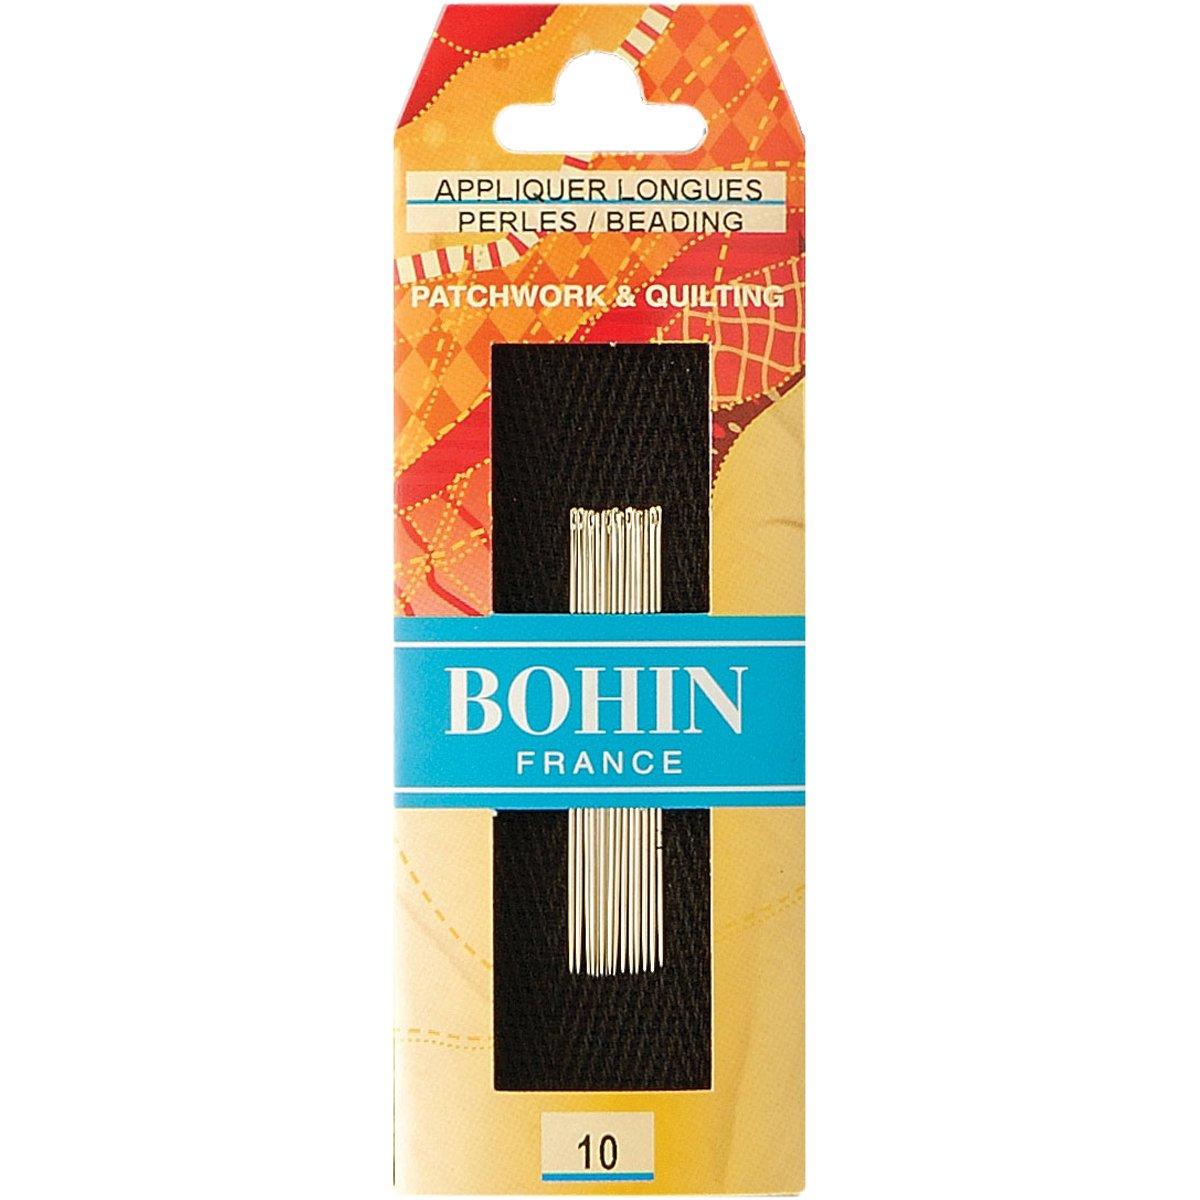 Bohin Bead/Applique Needles, Size 10, 15 Per Package Bohin (BOHI0) 624